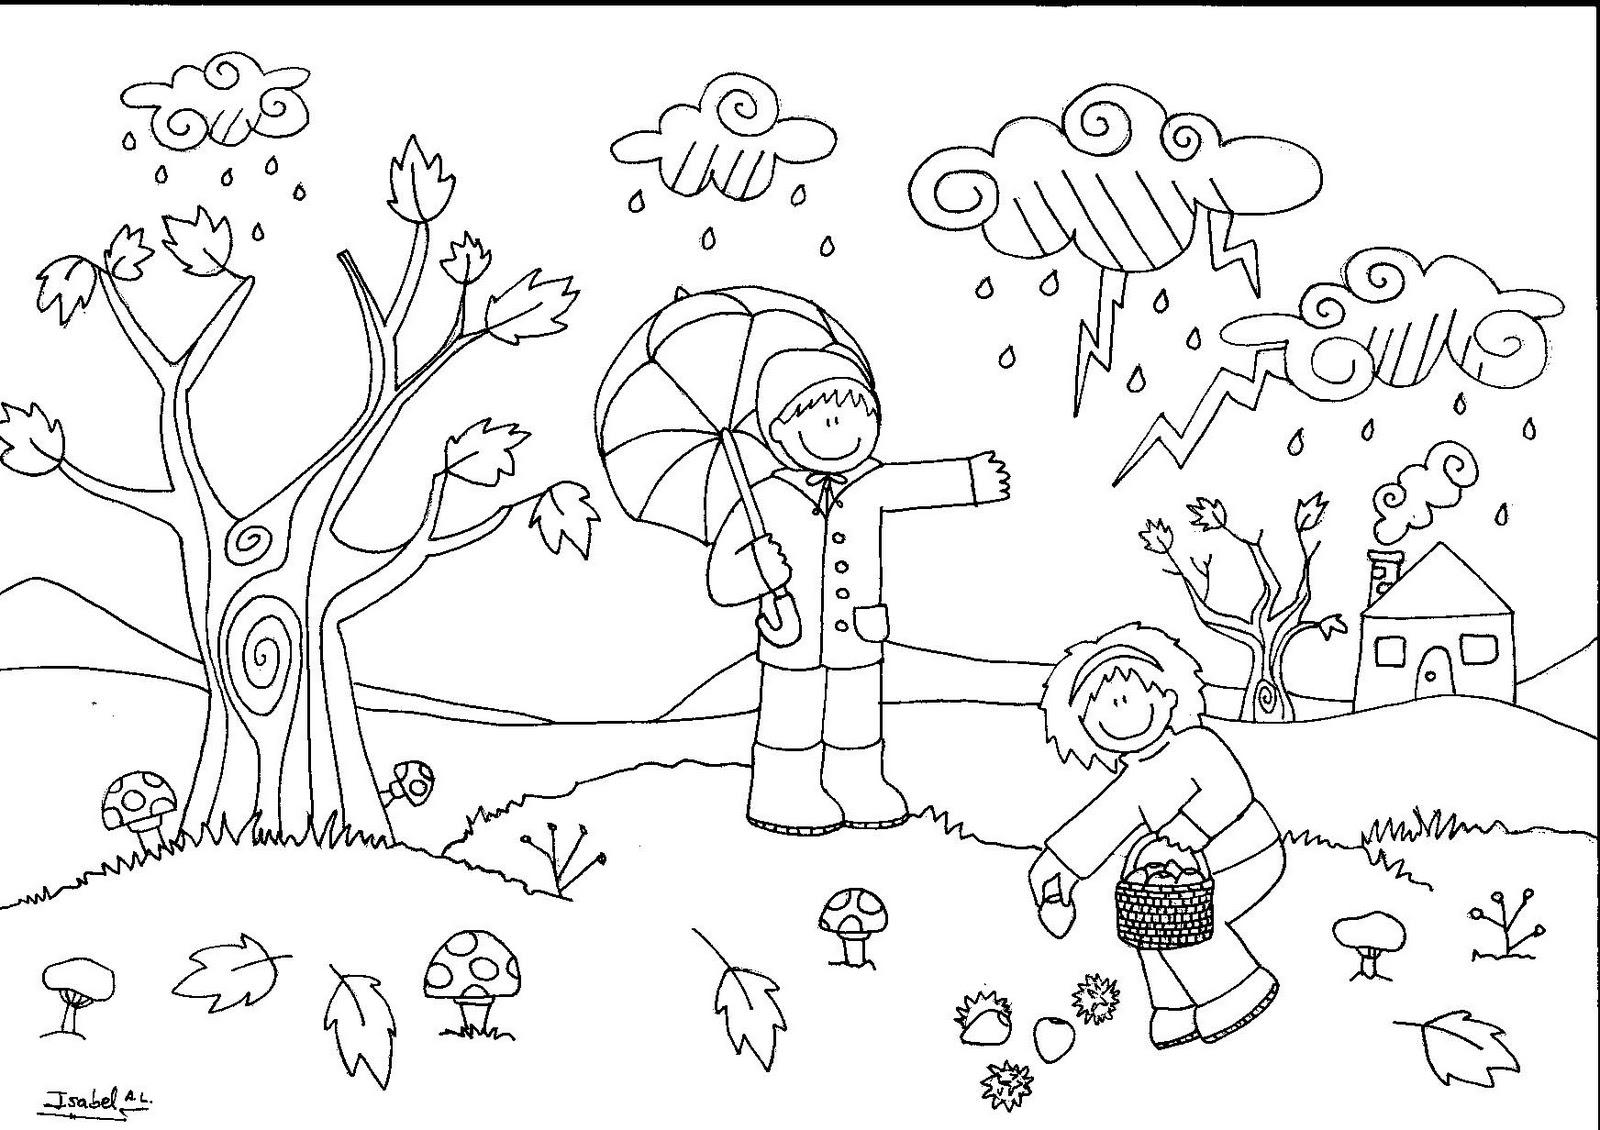 Dibujo de otoño para colorear - CUCALUNA